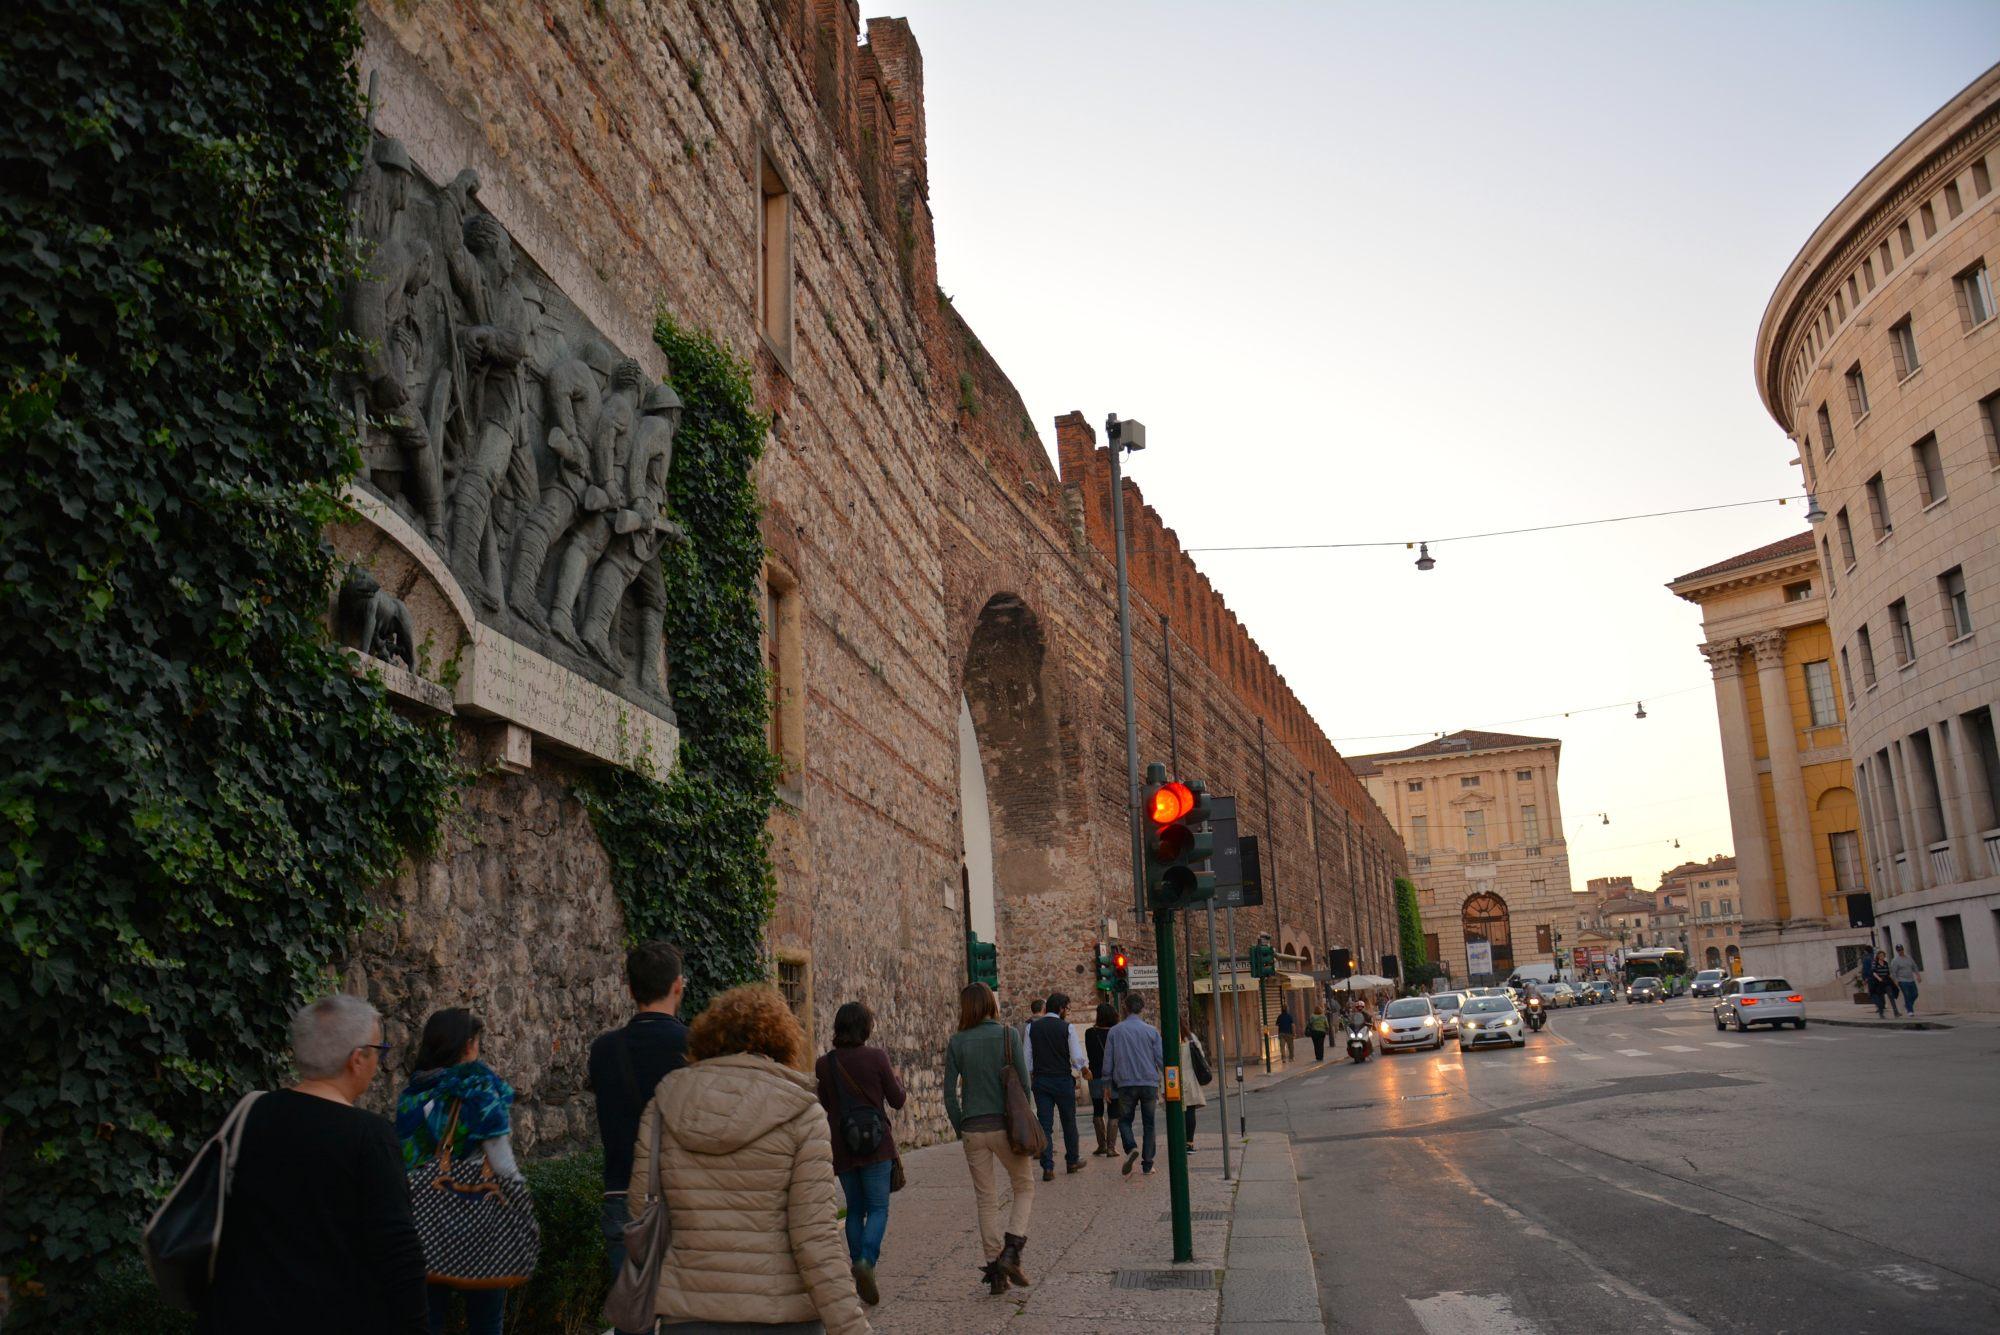 Passeggiando a Verona